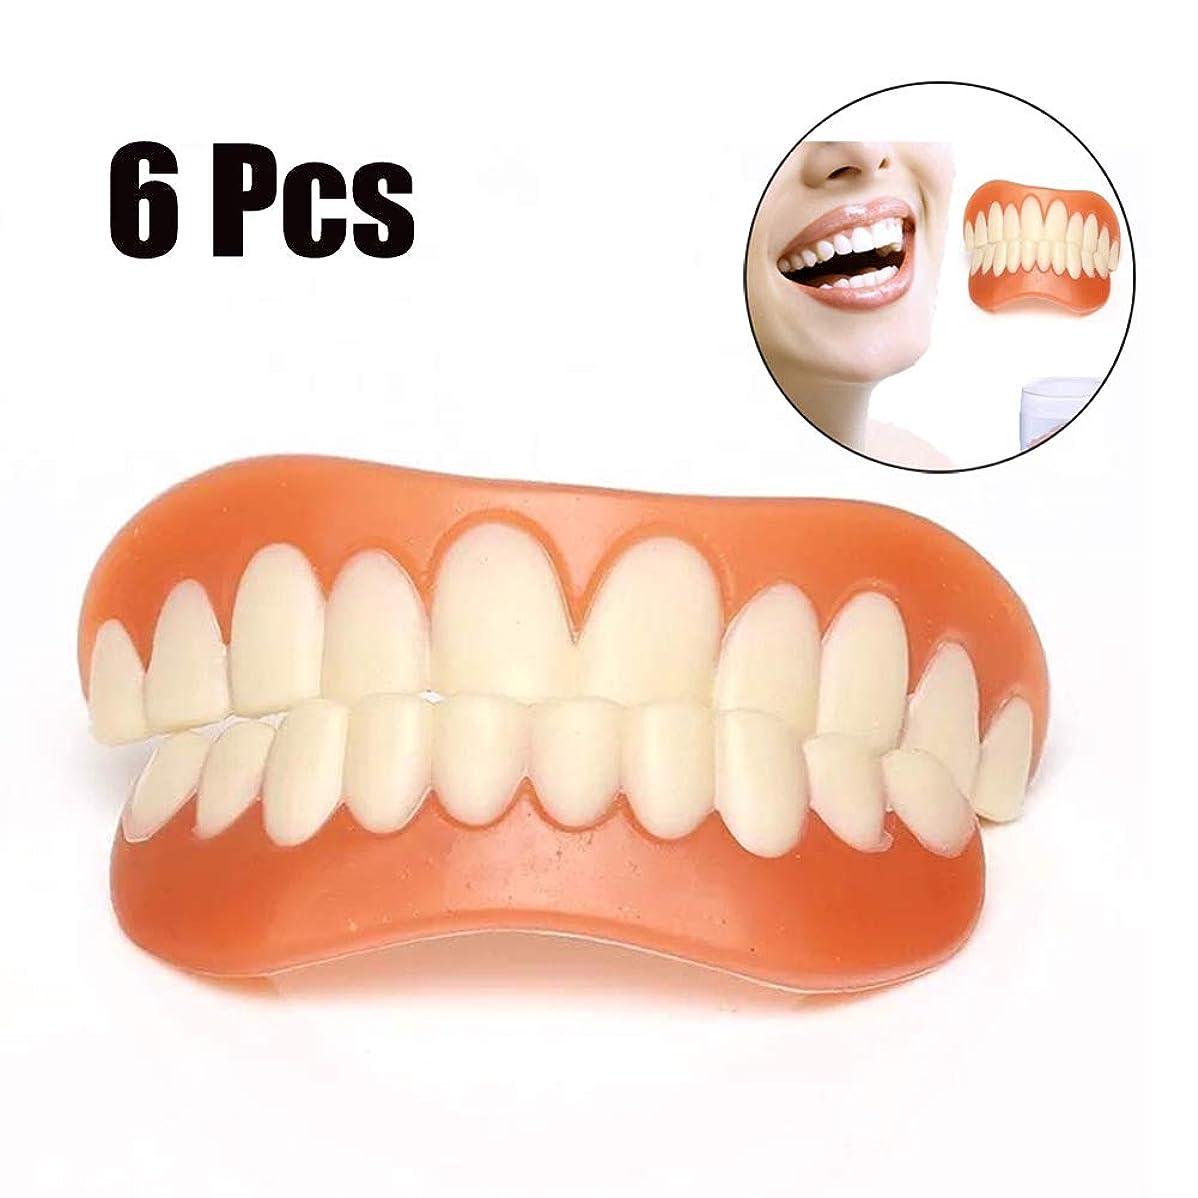 6本のベニアの歯、化粧品の歯3ペア - インスタントスマイルコンフォートフィットフレックス化粧品の歯、ワンサイズ、快適なトップとボトムベニア